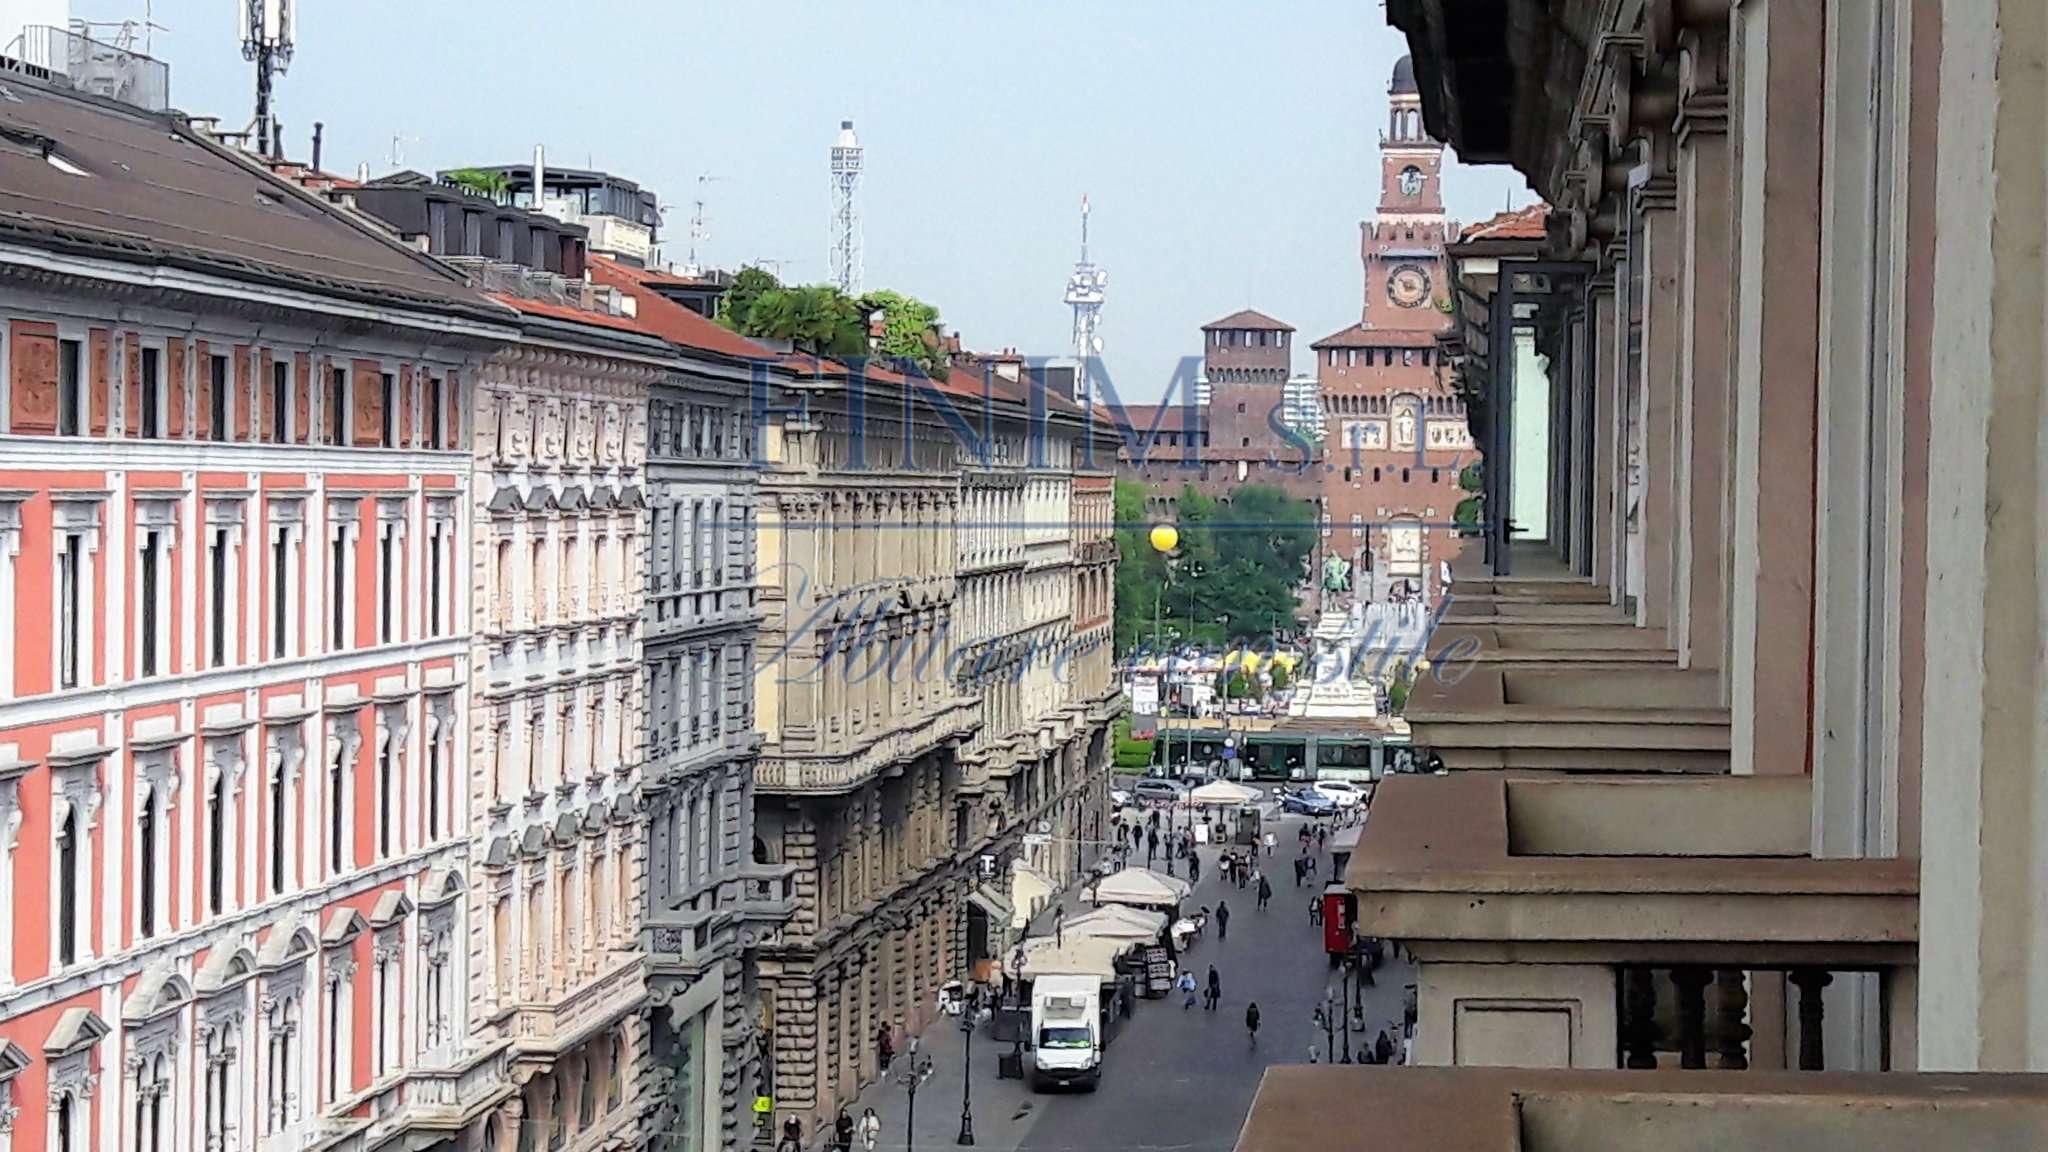 Ufficio-studio in Vendita a Milano 01 Centro storico (Cerchia dei Navigli): 5 locali, 270 mq